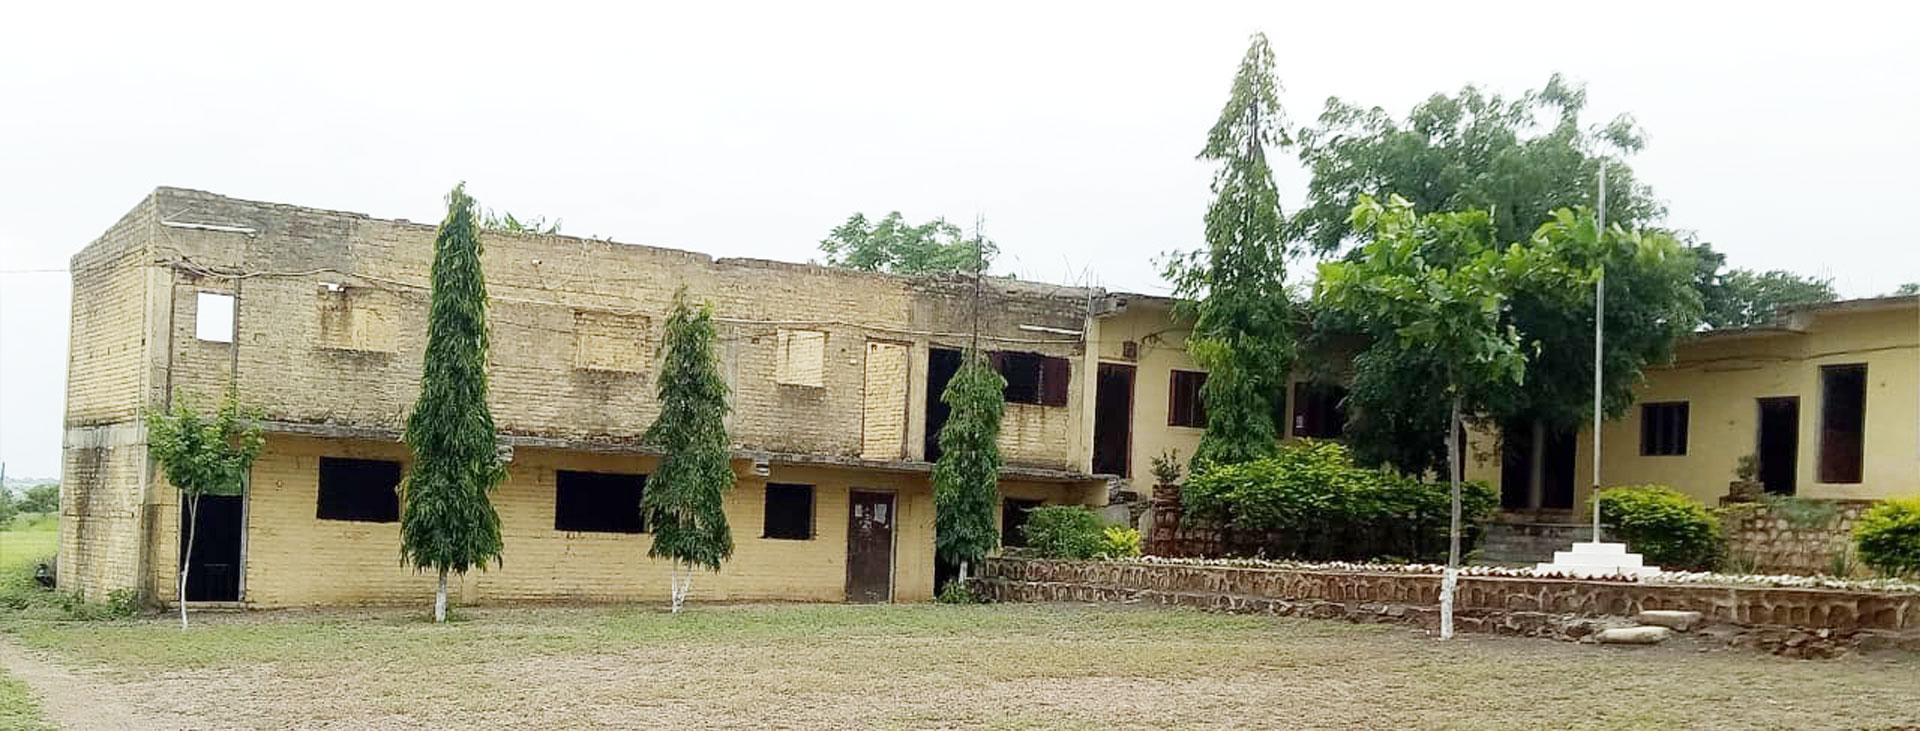 Sant Bhagwan Baba Kala Mahavidyalaya, Buldana